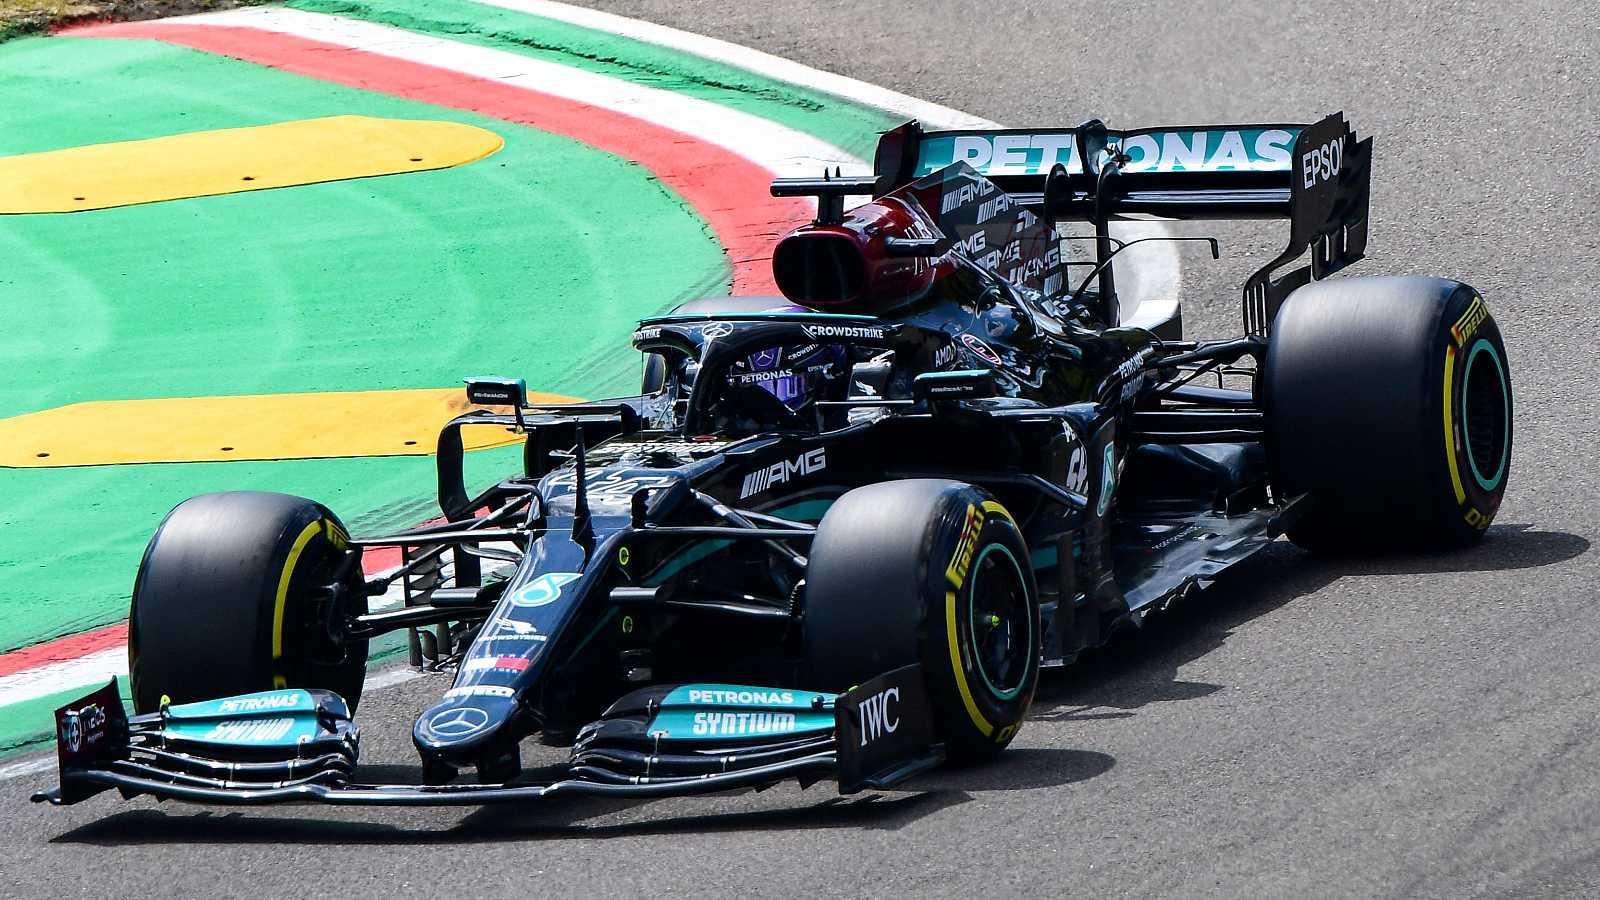 La actualidad deportiva, en directo en RTVE.es: Hamilton consigue la 'pole' en Imola